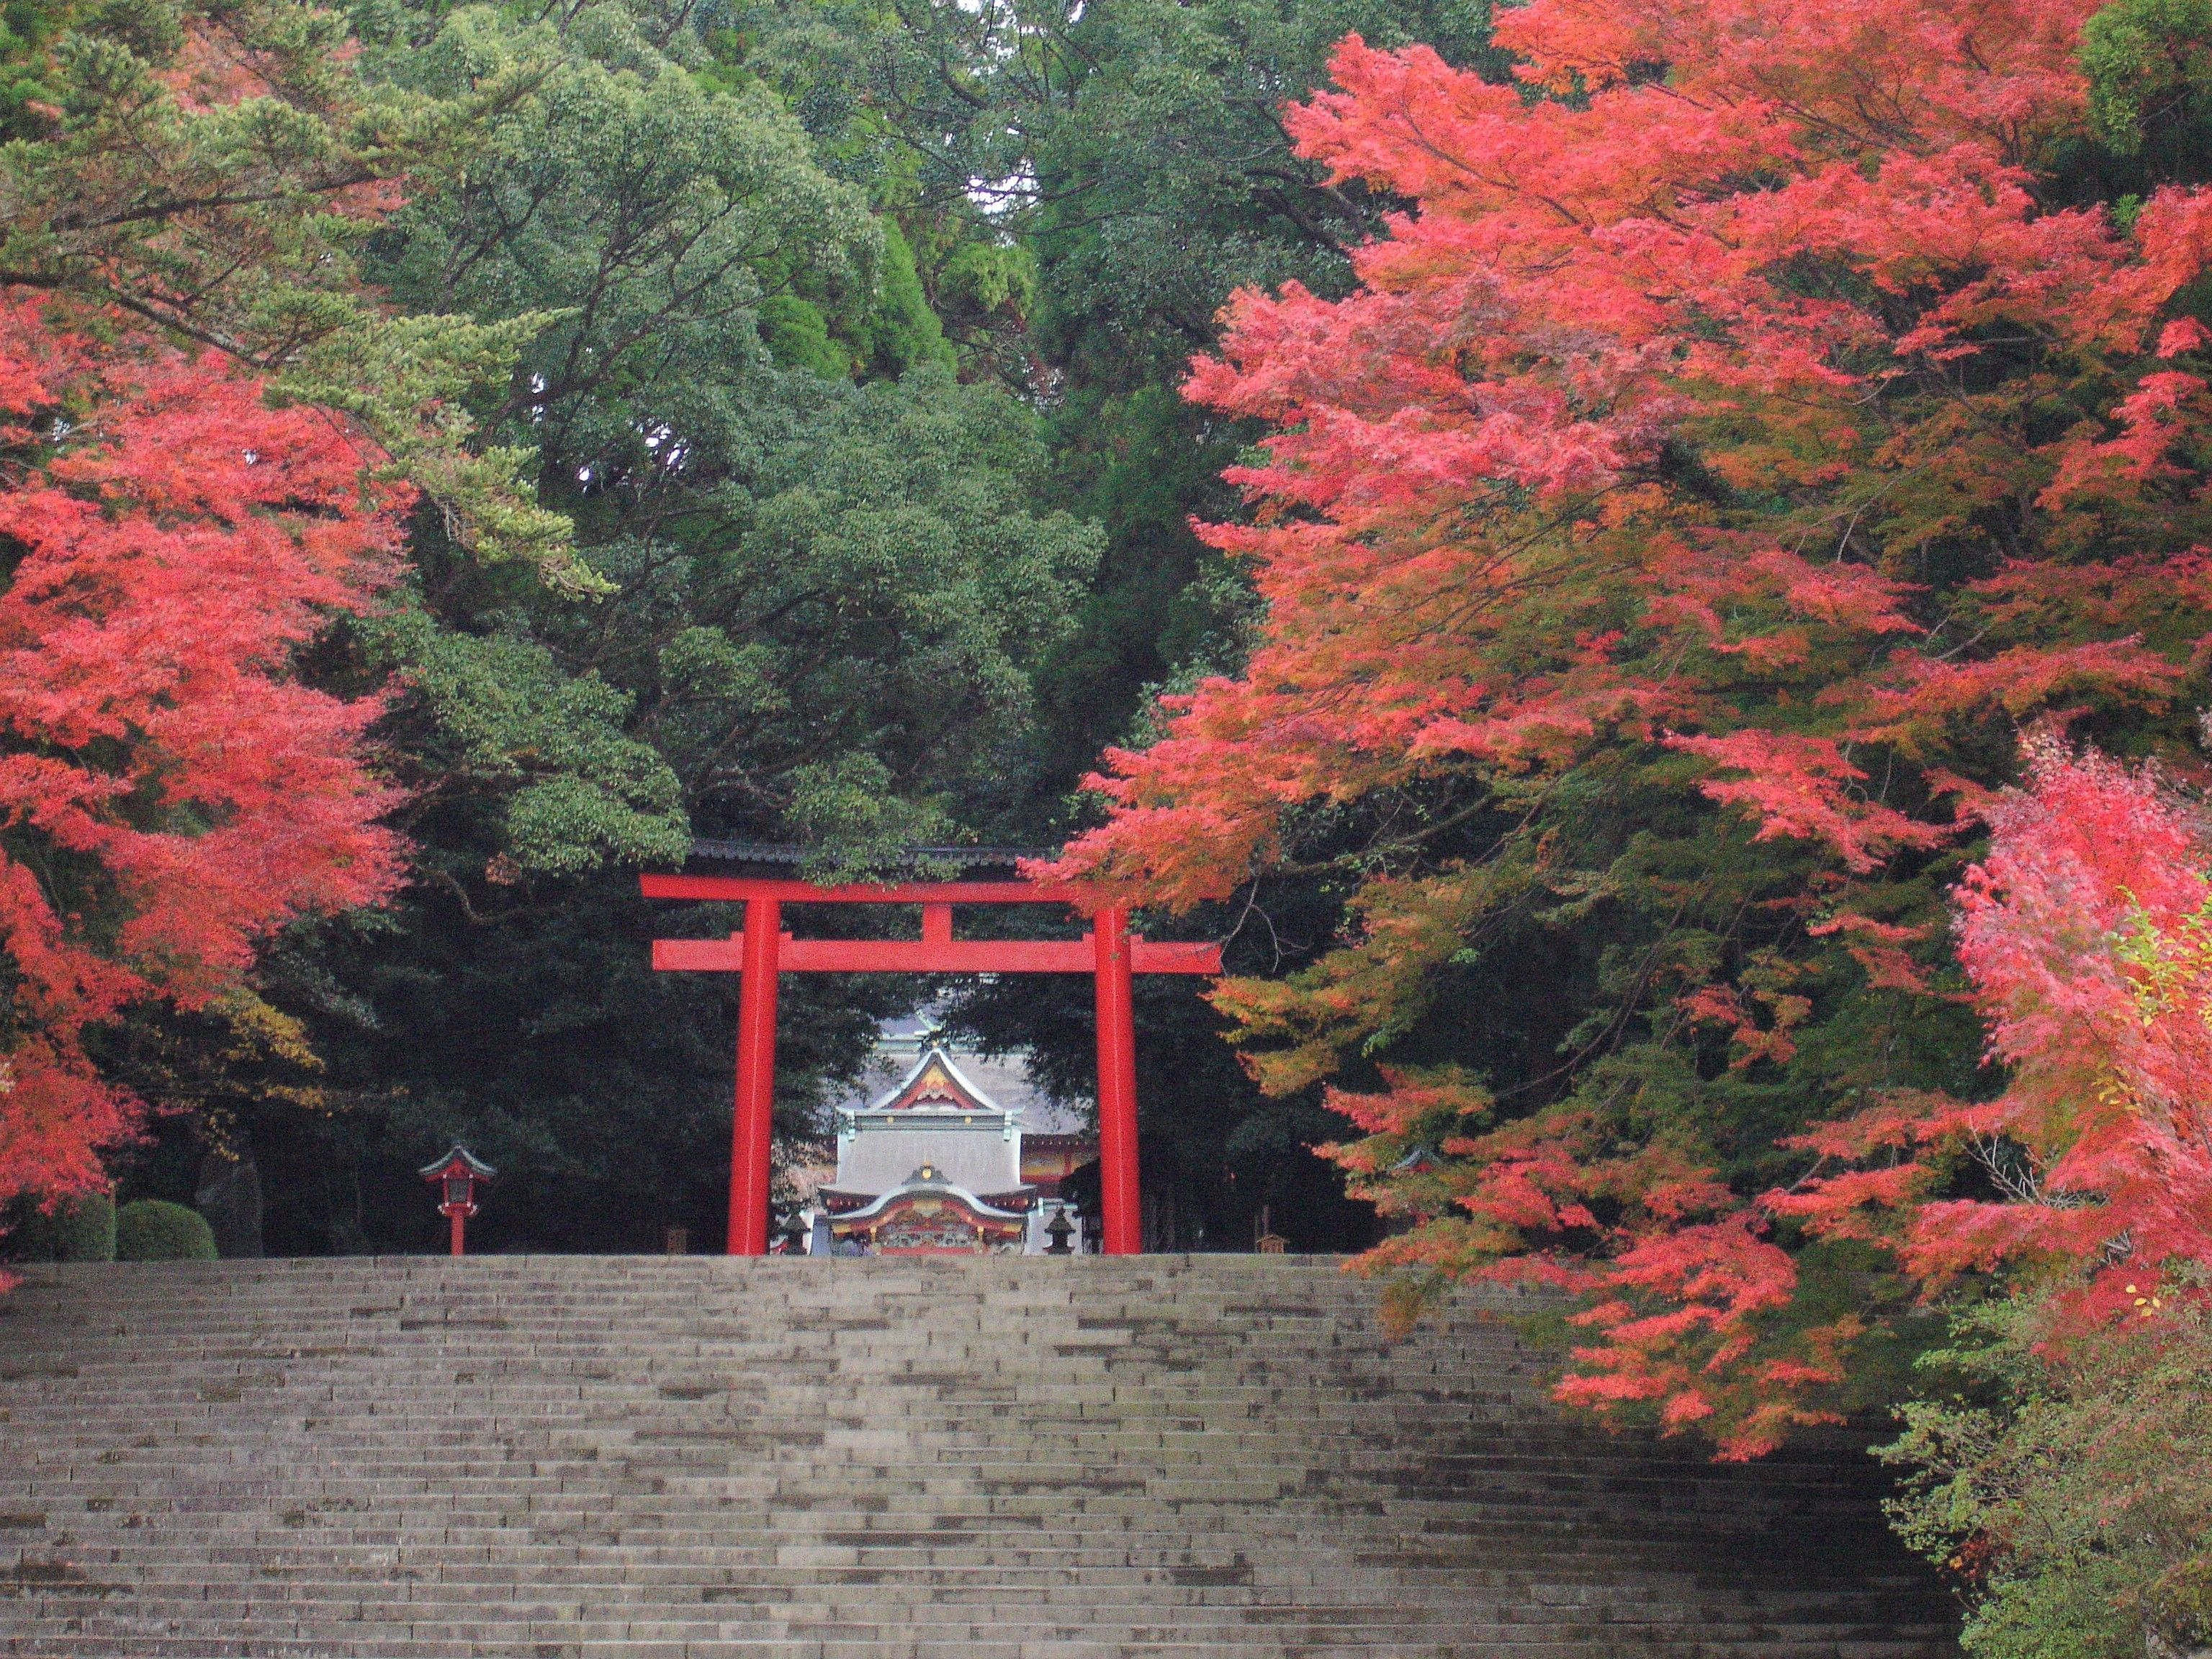 50代のための紅葉スポット!①日本の心を感じる、神社仏閣の美_1_2